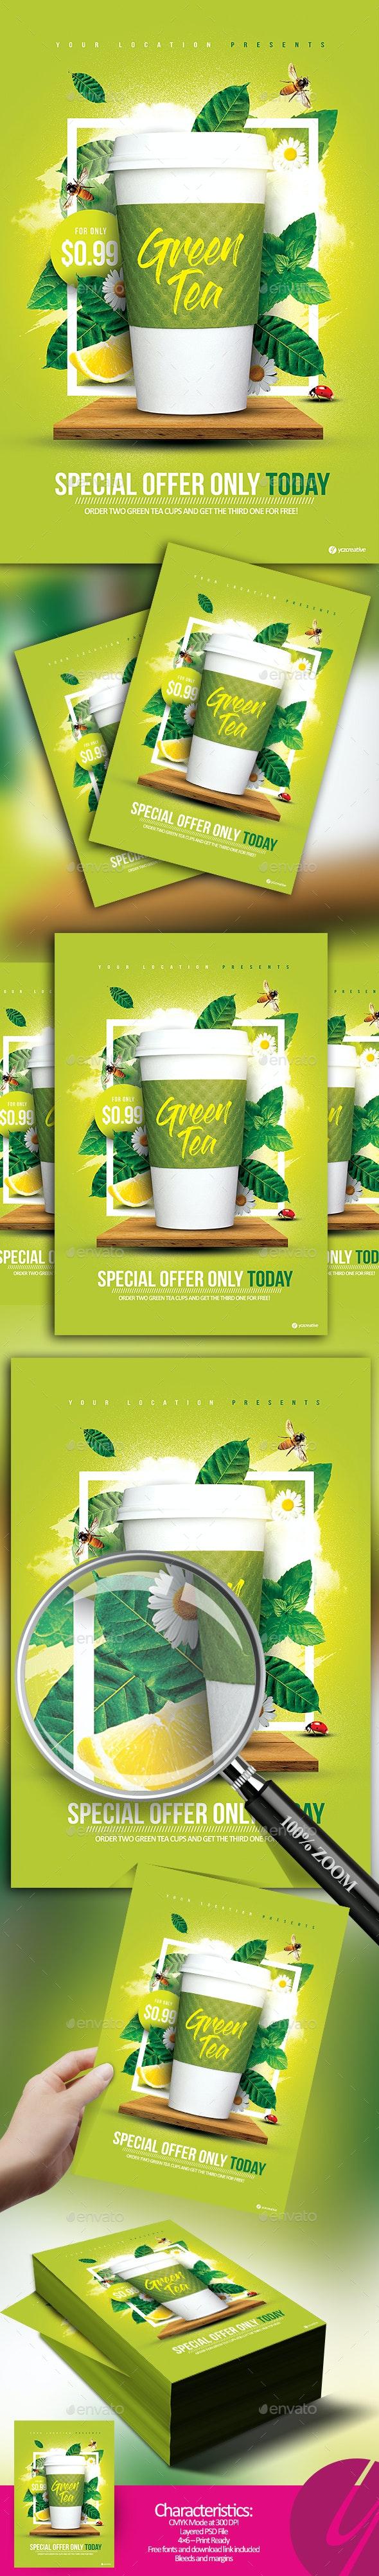 Green Tea Offer Flyer - Restaurant Flyers